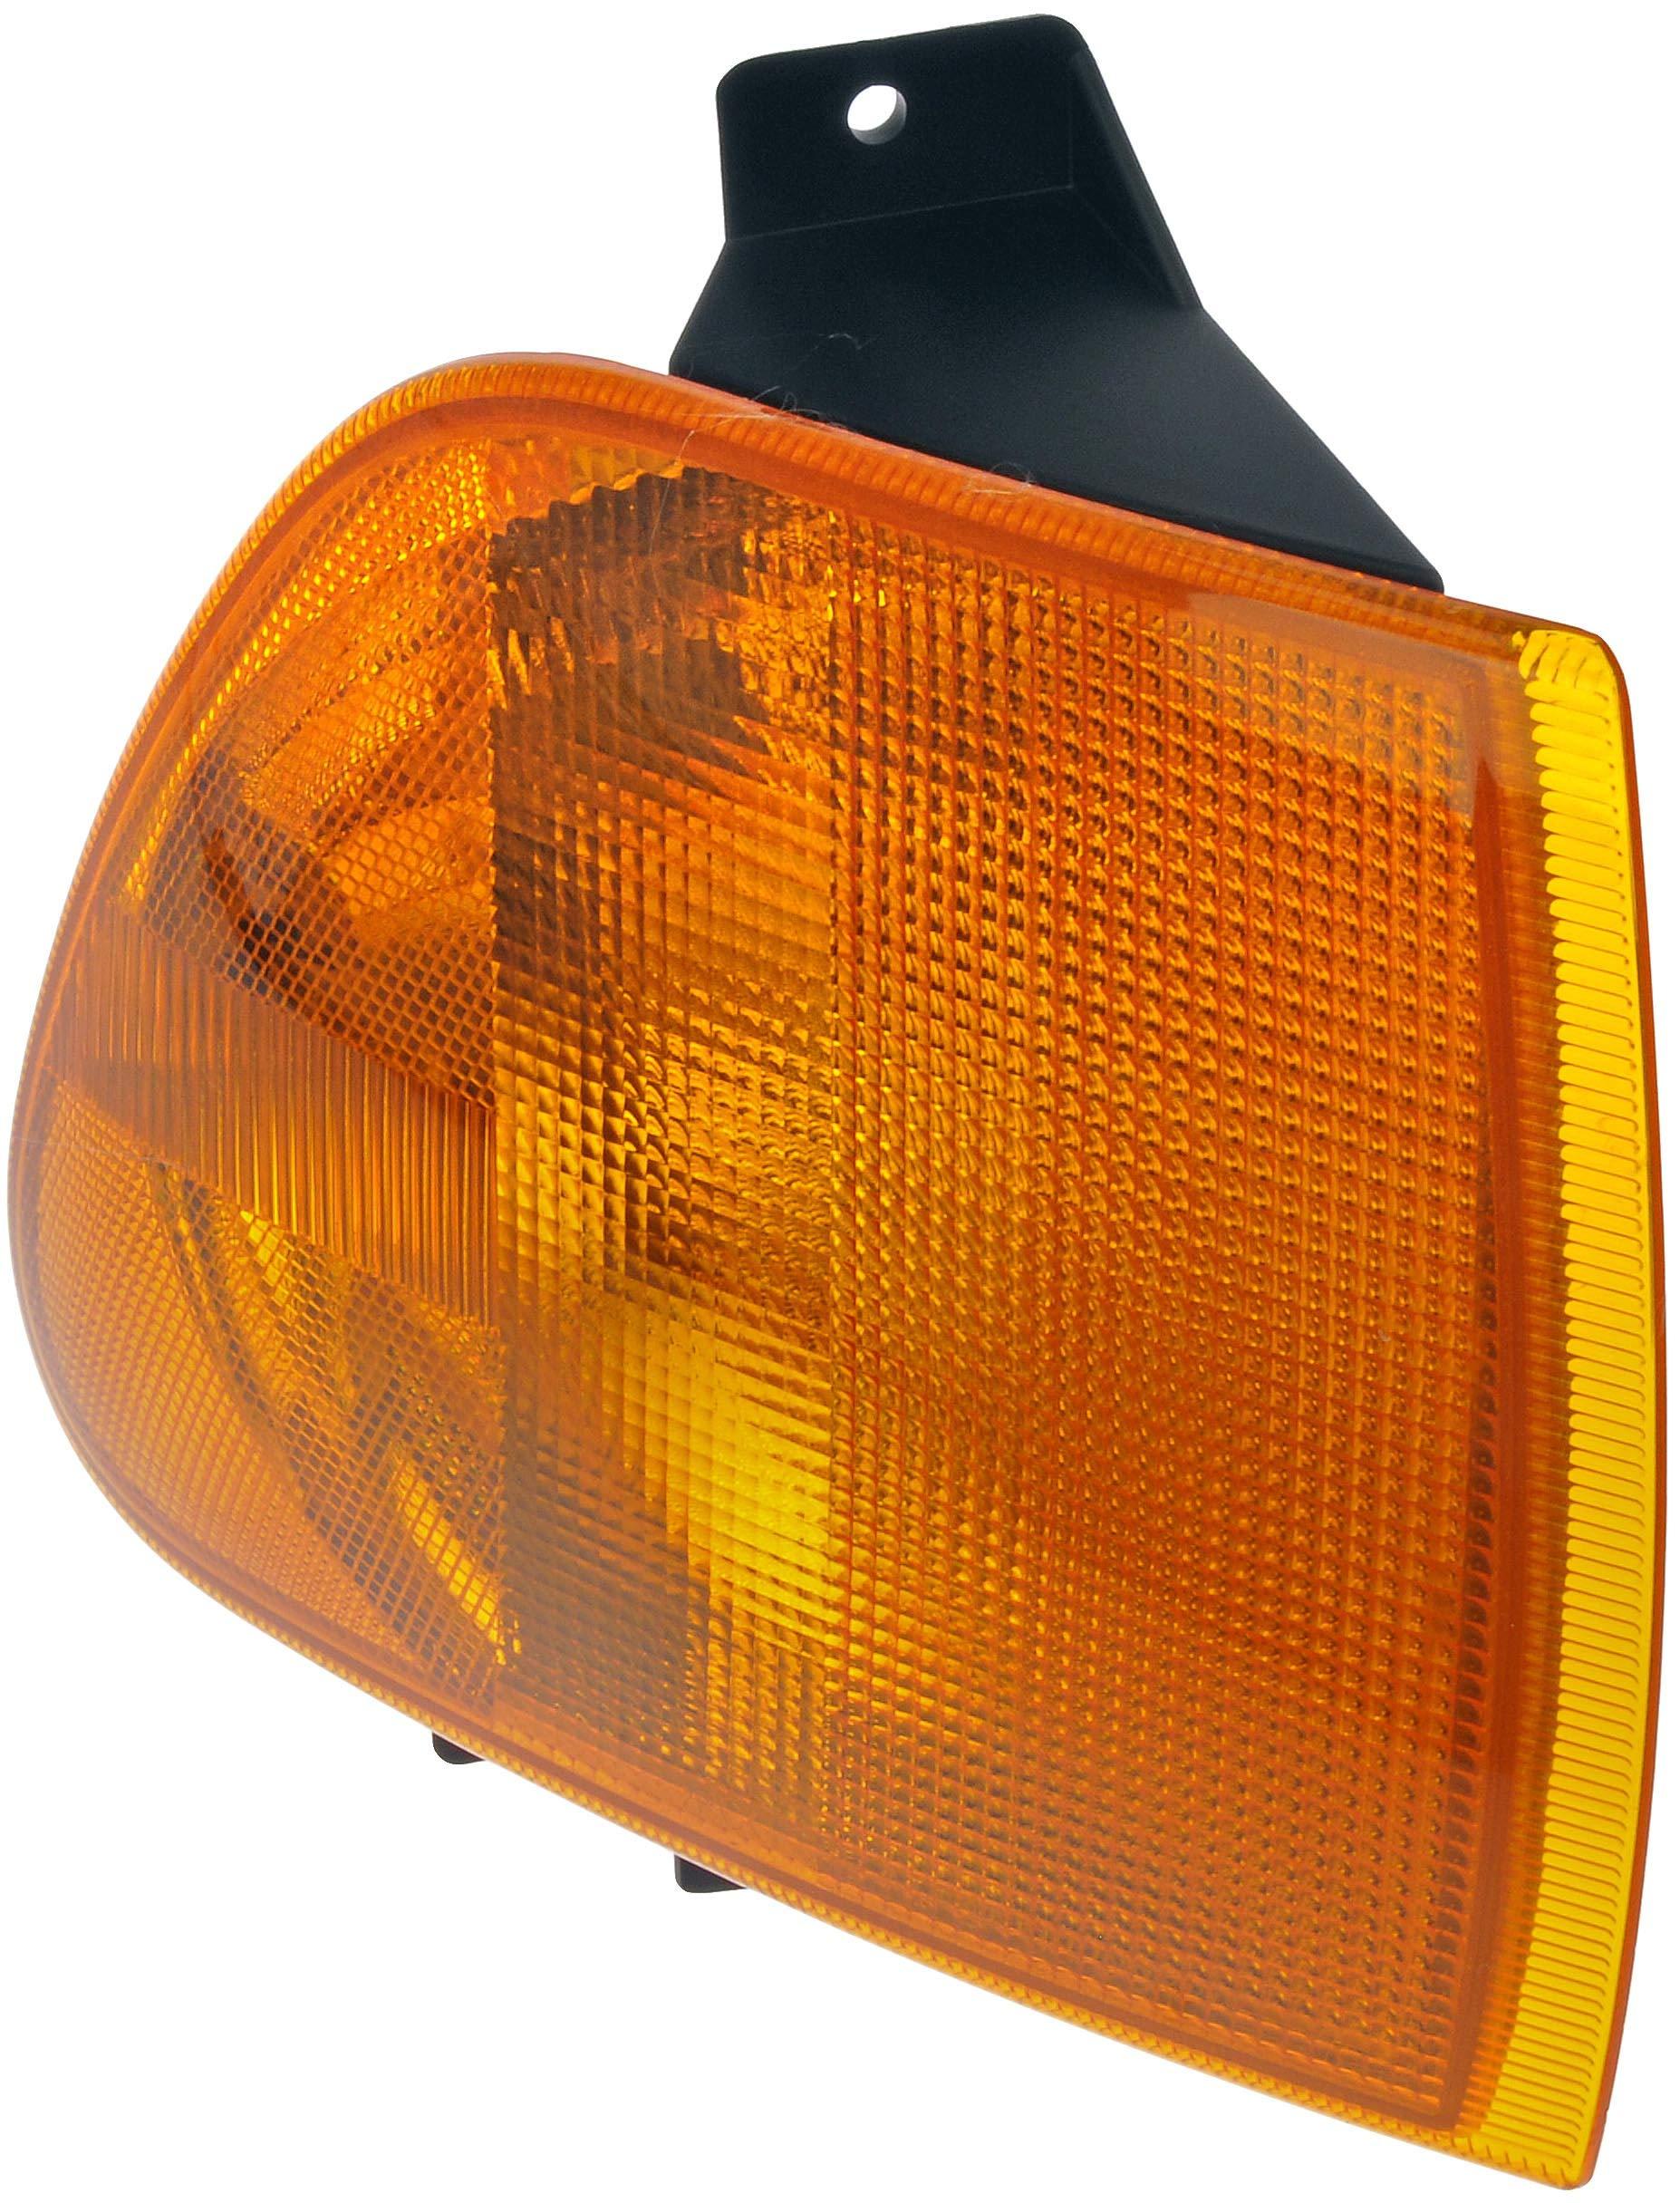 Dorman 888-5303 Front Passenger Side Marker Light Assembly for Select Ford / Sterling Trucks